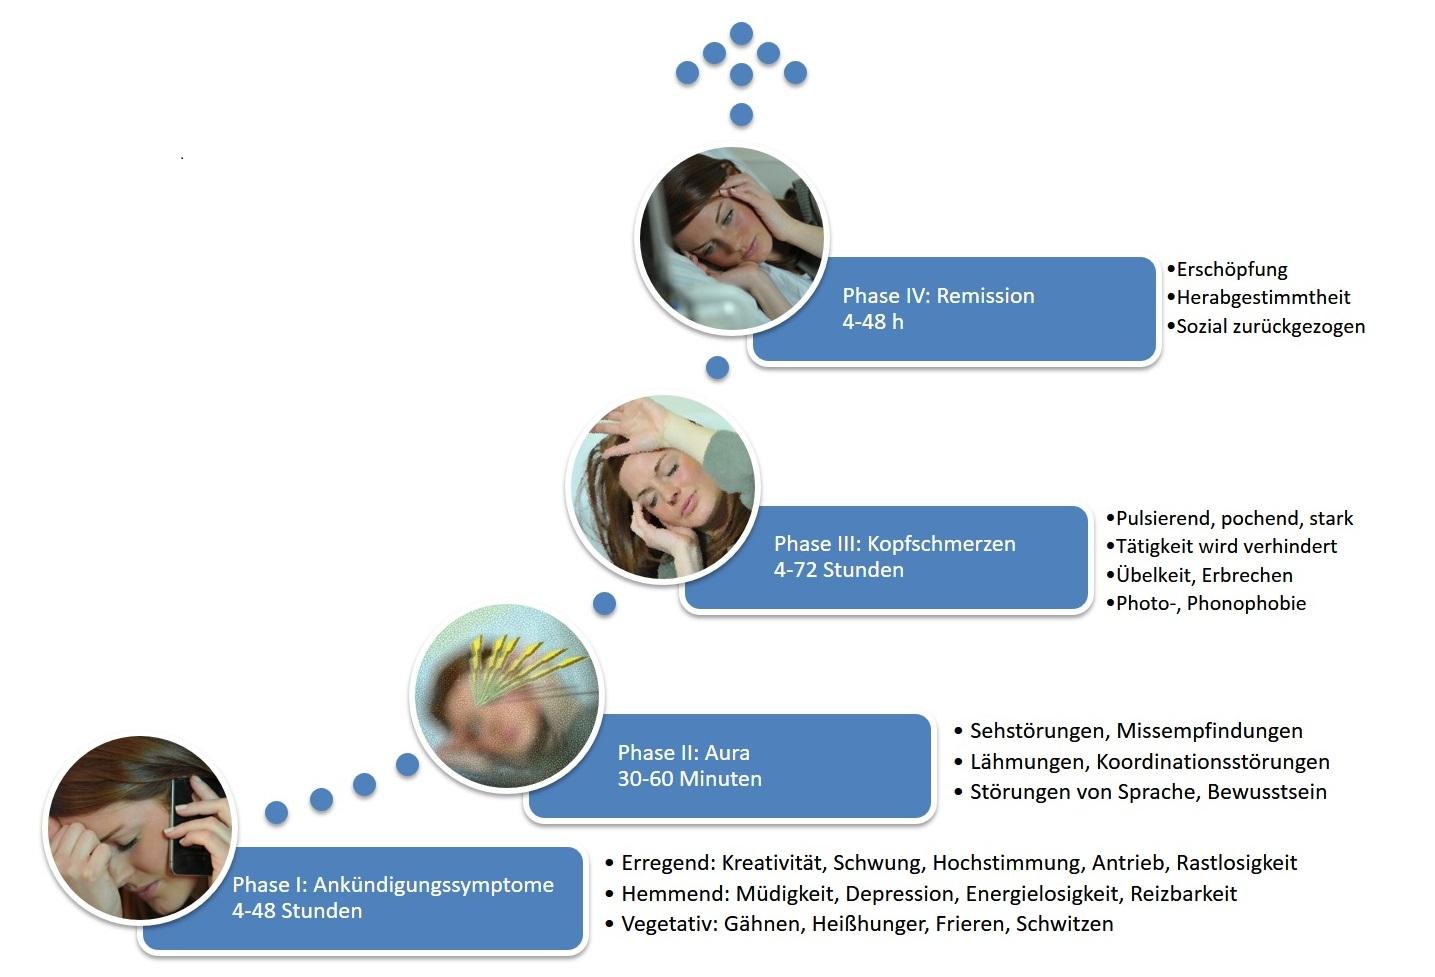 Die Hauptphasen der Migräne sind die Ankündigungsphase, die Aura, die Kopfschmerzpase und die Rückbildungsphase